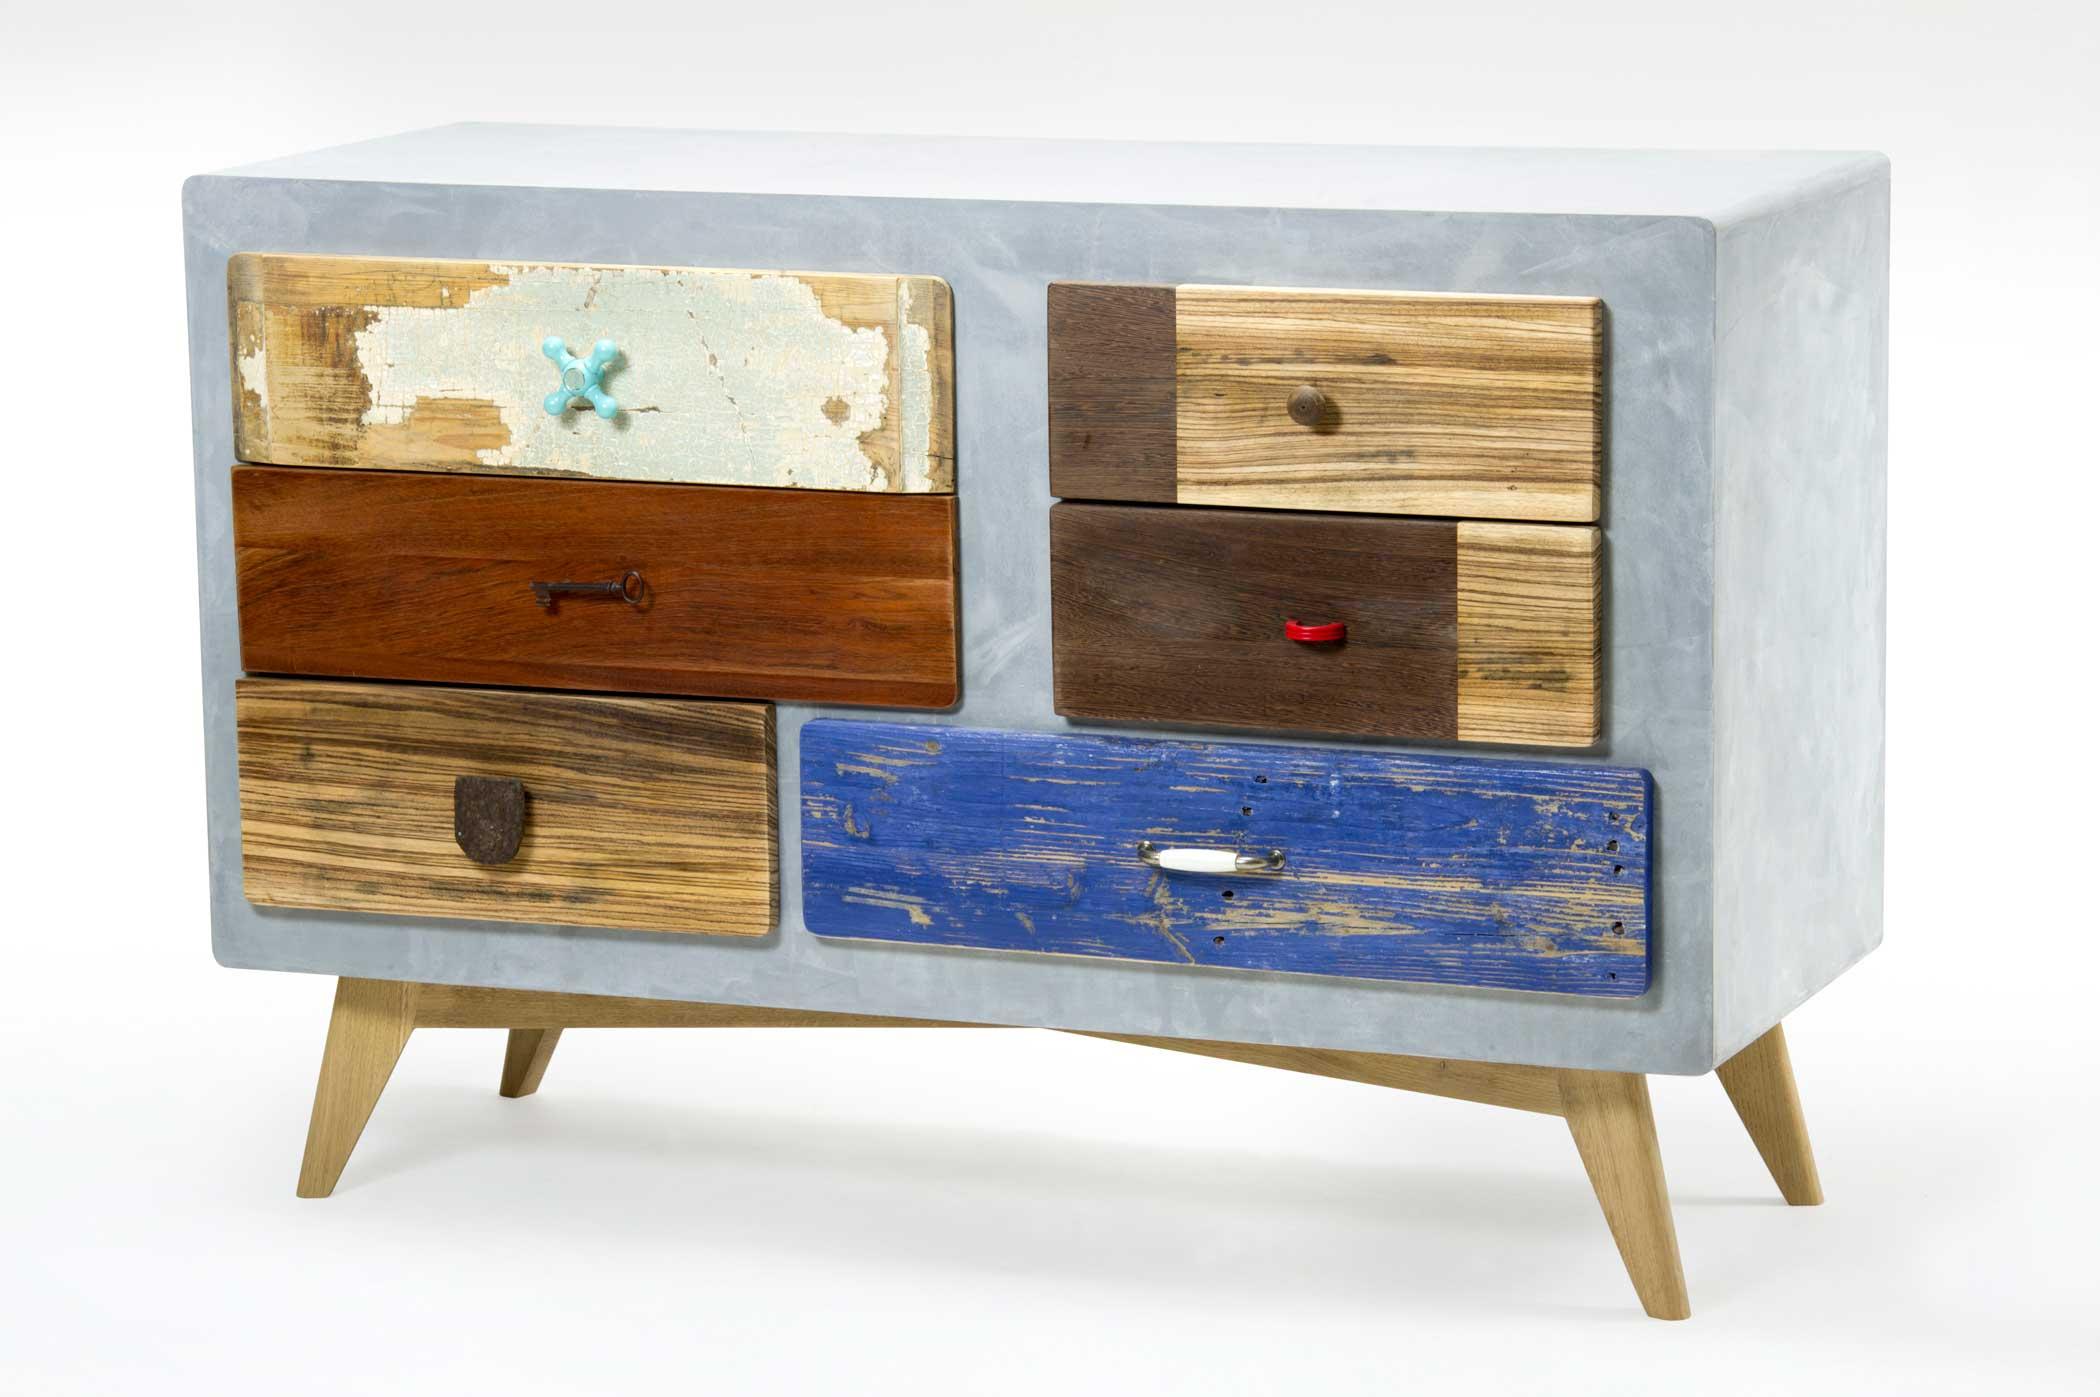 Credenza rettangolare struttura in legno ricoperto di resina e frontali in legno di recupero bonificato. Su misura.